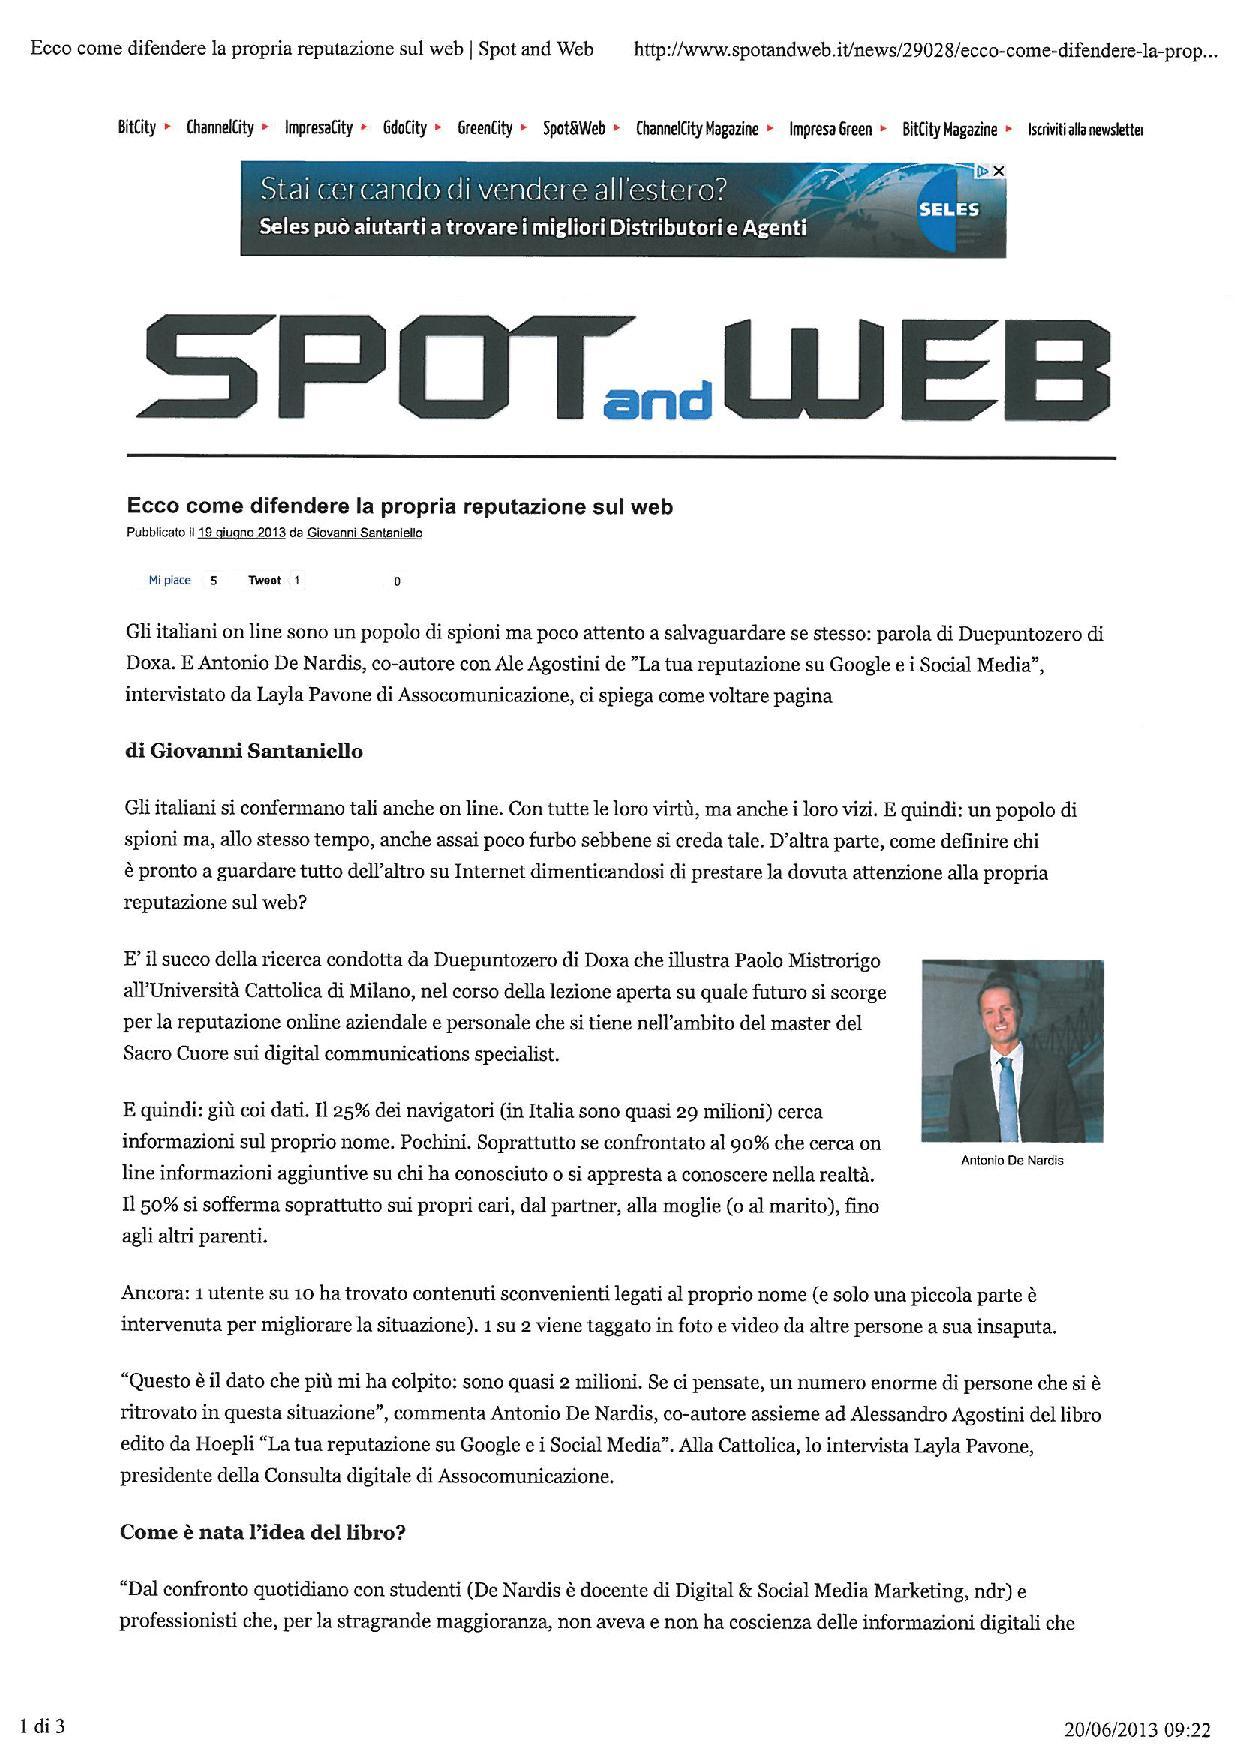 19.06.2013 Spotandweb.it.pdf-001